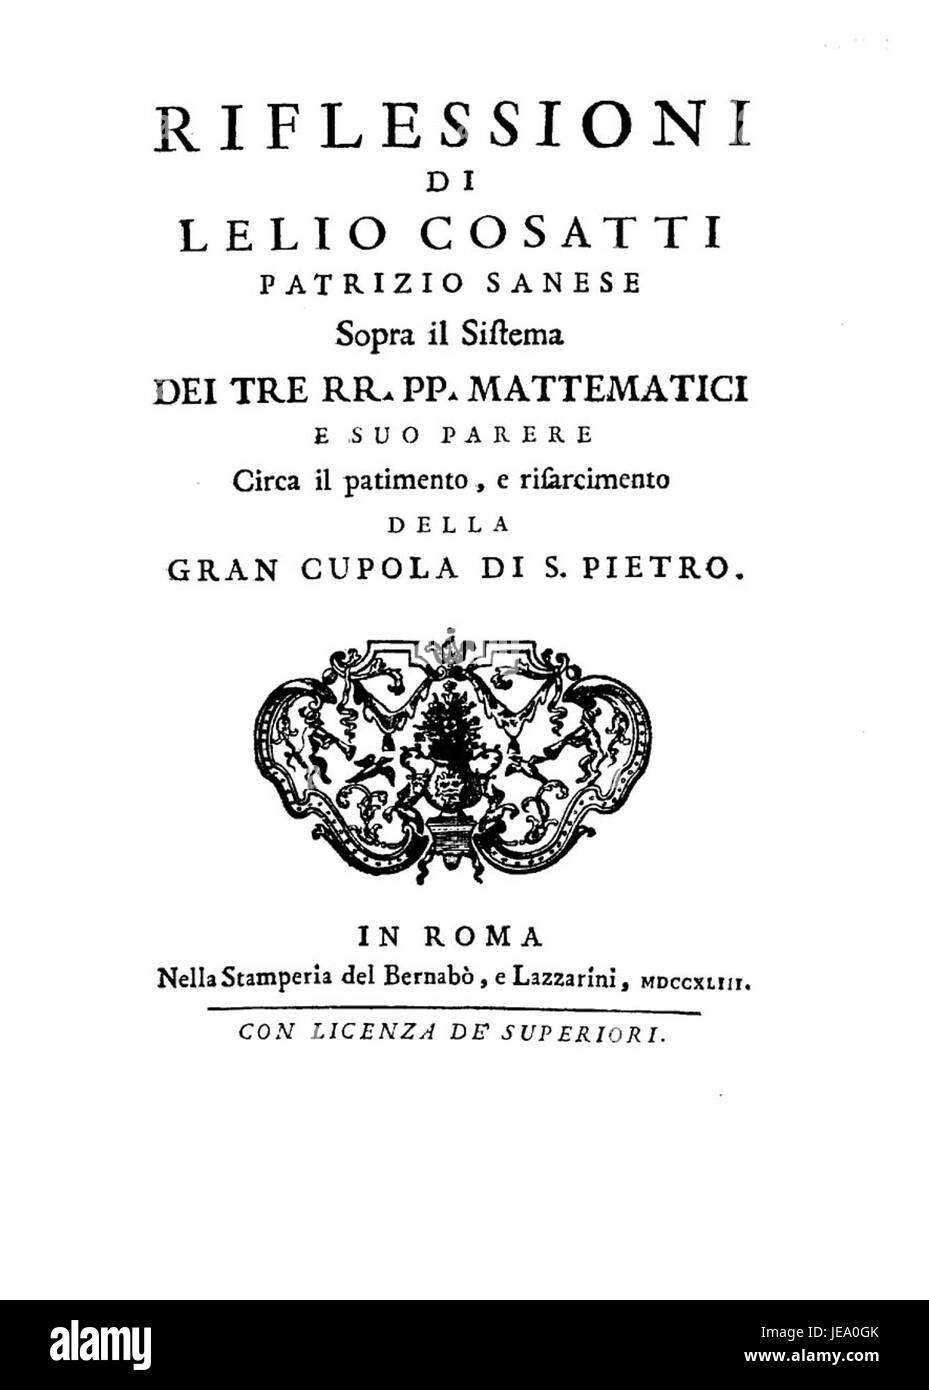 Cosatti - Riflessioni sopra il sistema dei tre rr. Pp. Matematici e suo parere circa il patimento e risarcimento - Stock Image